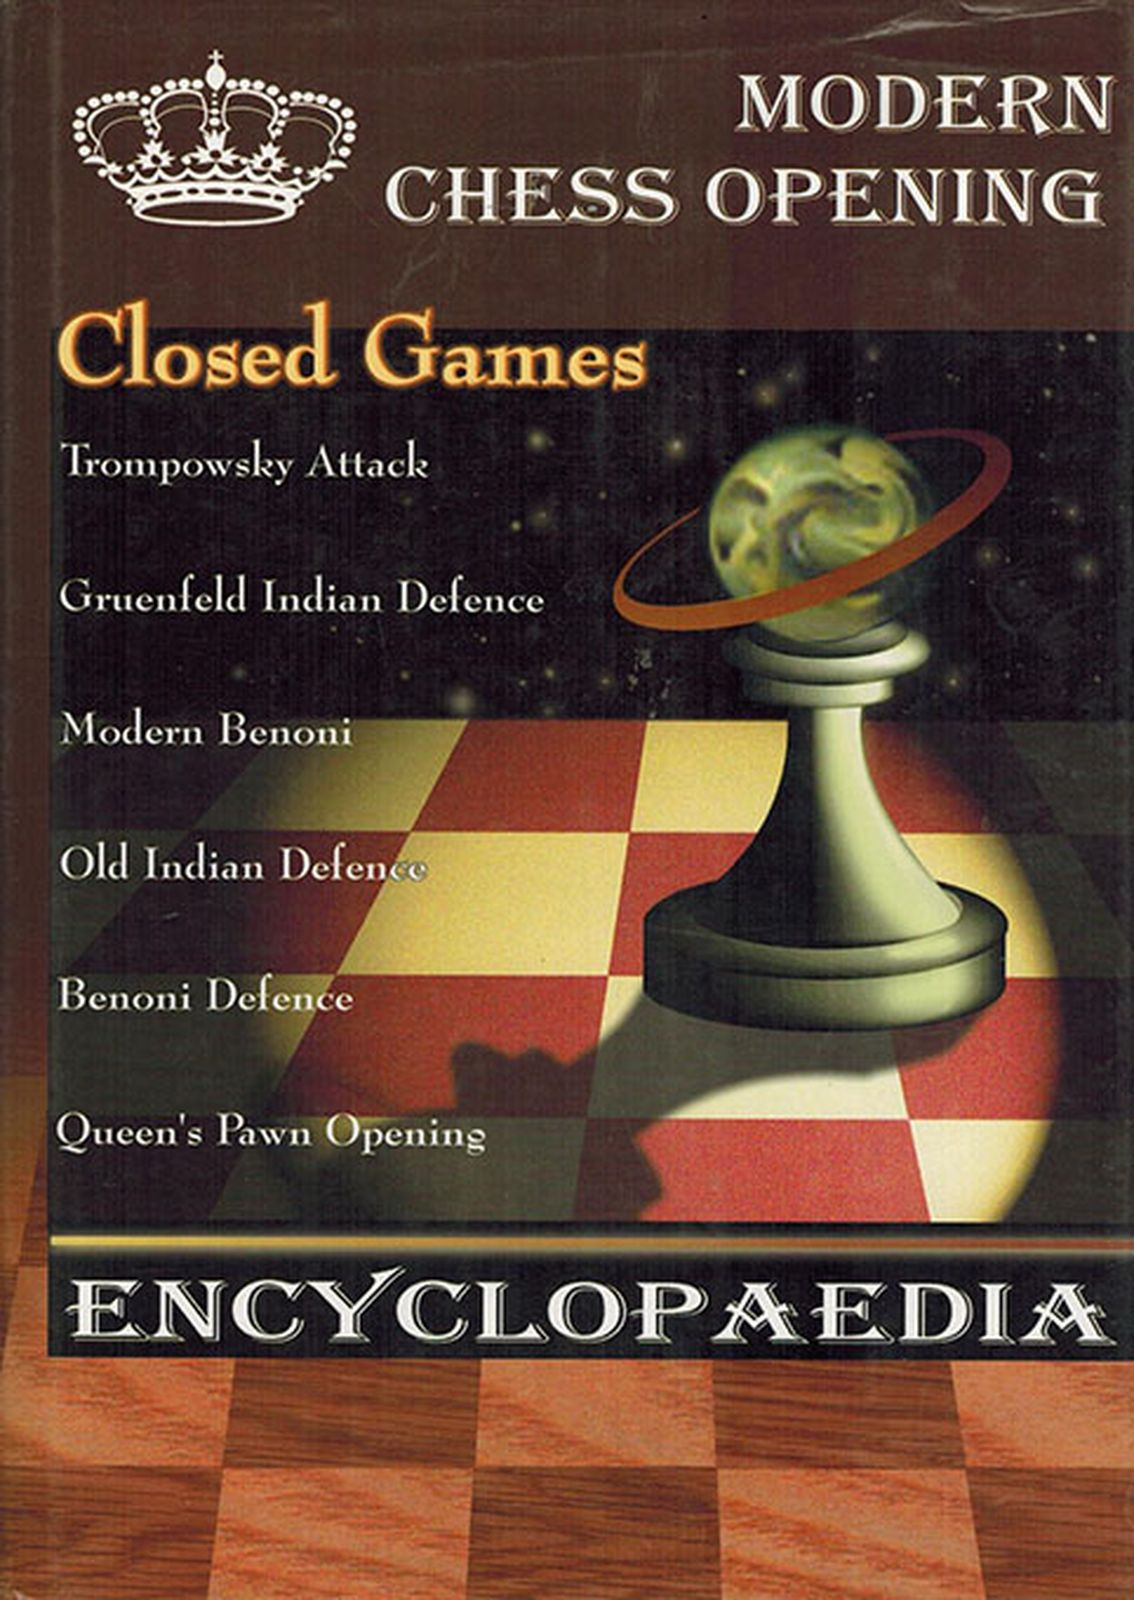 цены на Калиниченко Н. Encyclopaedia: Modern chess opening. Closed Games / Энциклопедия. Современный шахматный дебют. Закрытые дебюты  в интернет-магазинах